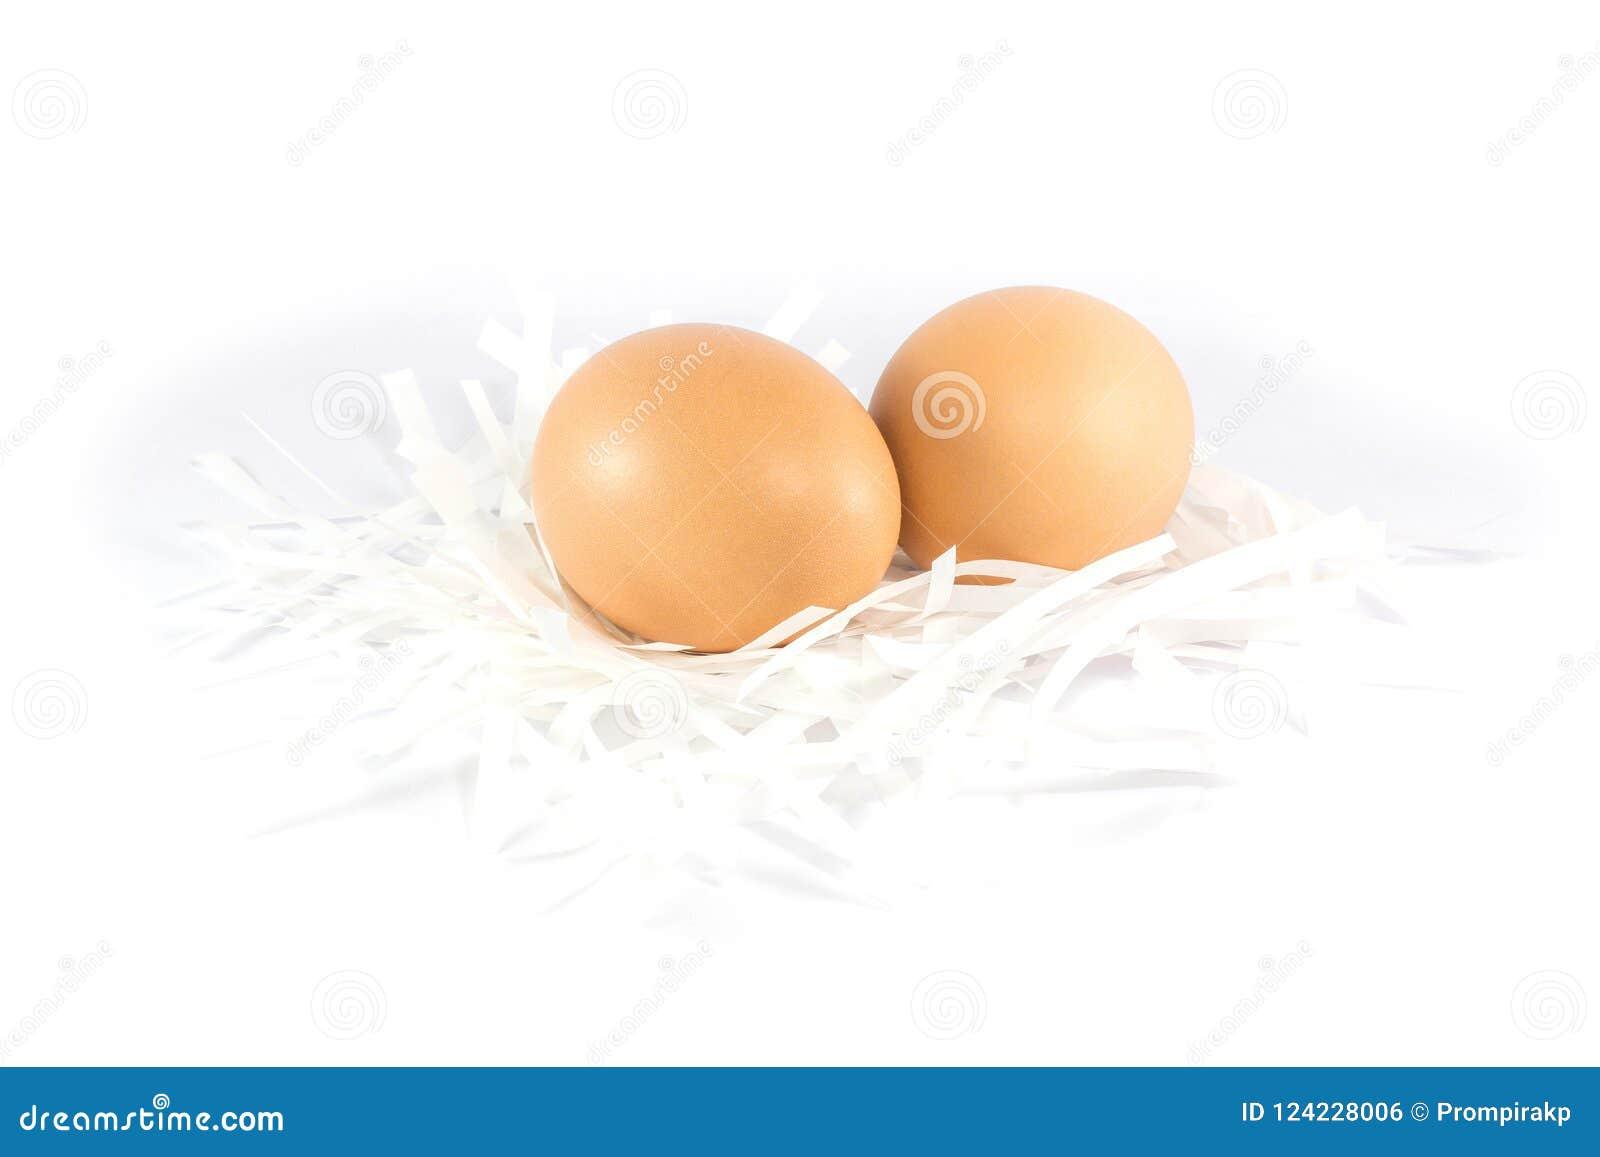 För papperssnitt för nya fega ägg som pålagd rest isoleras på vitbaksida